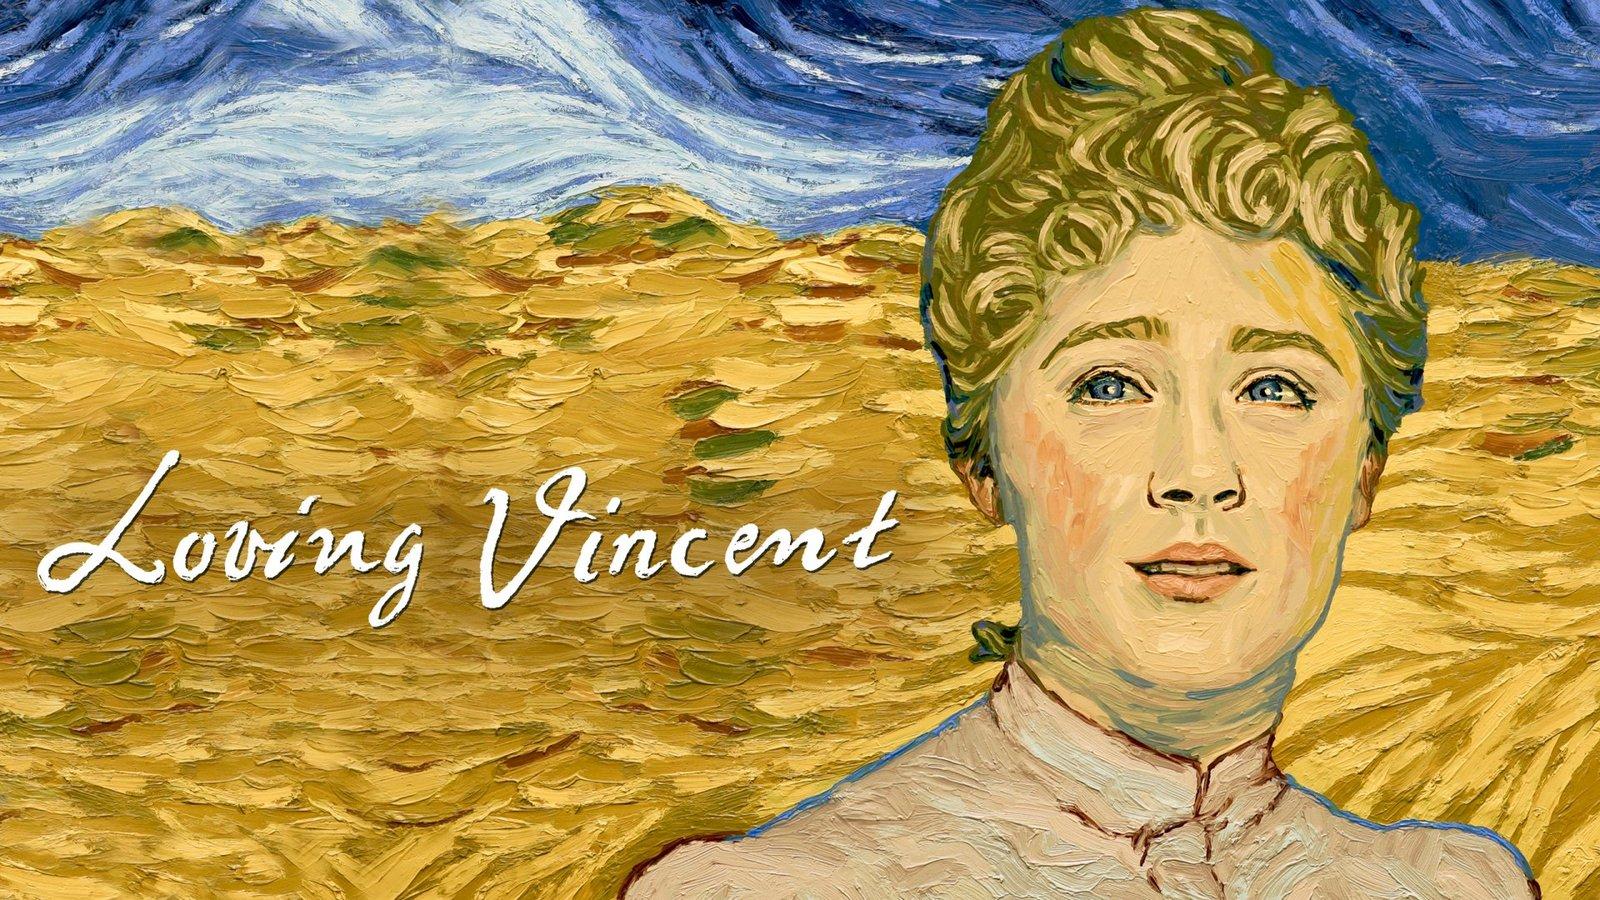 Vincent free loving online Loving Vincent